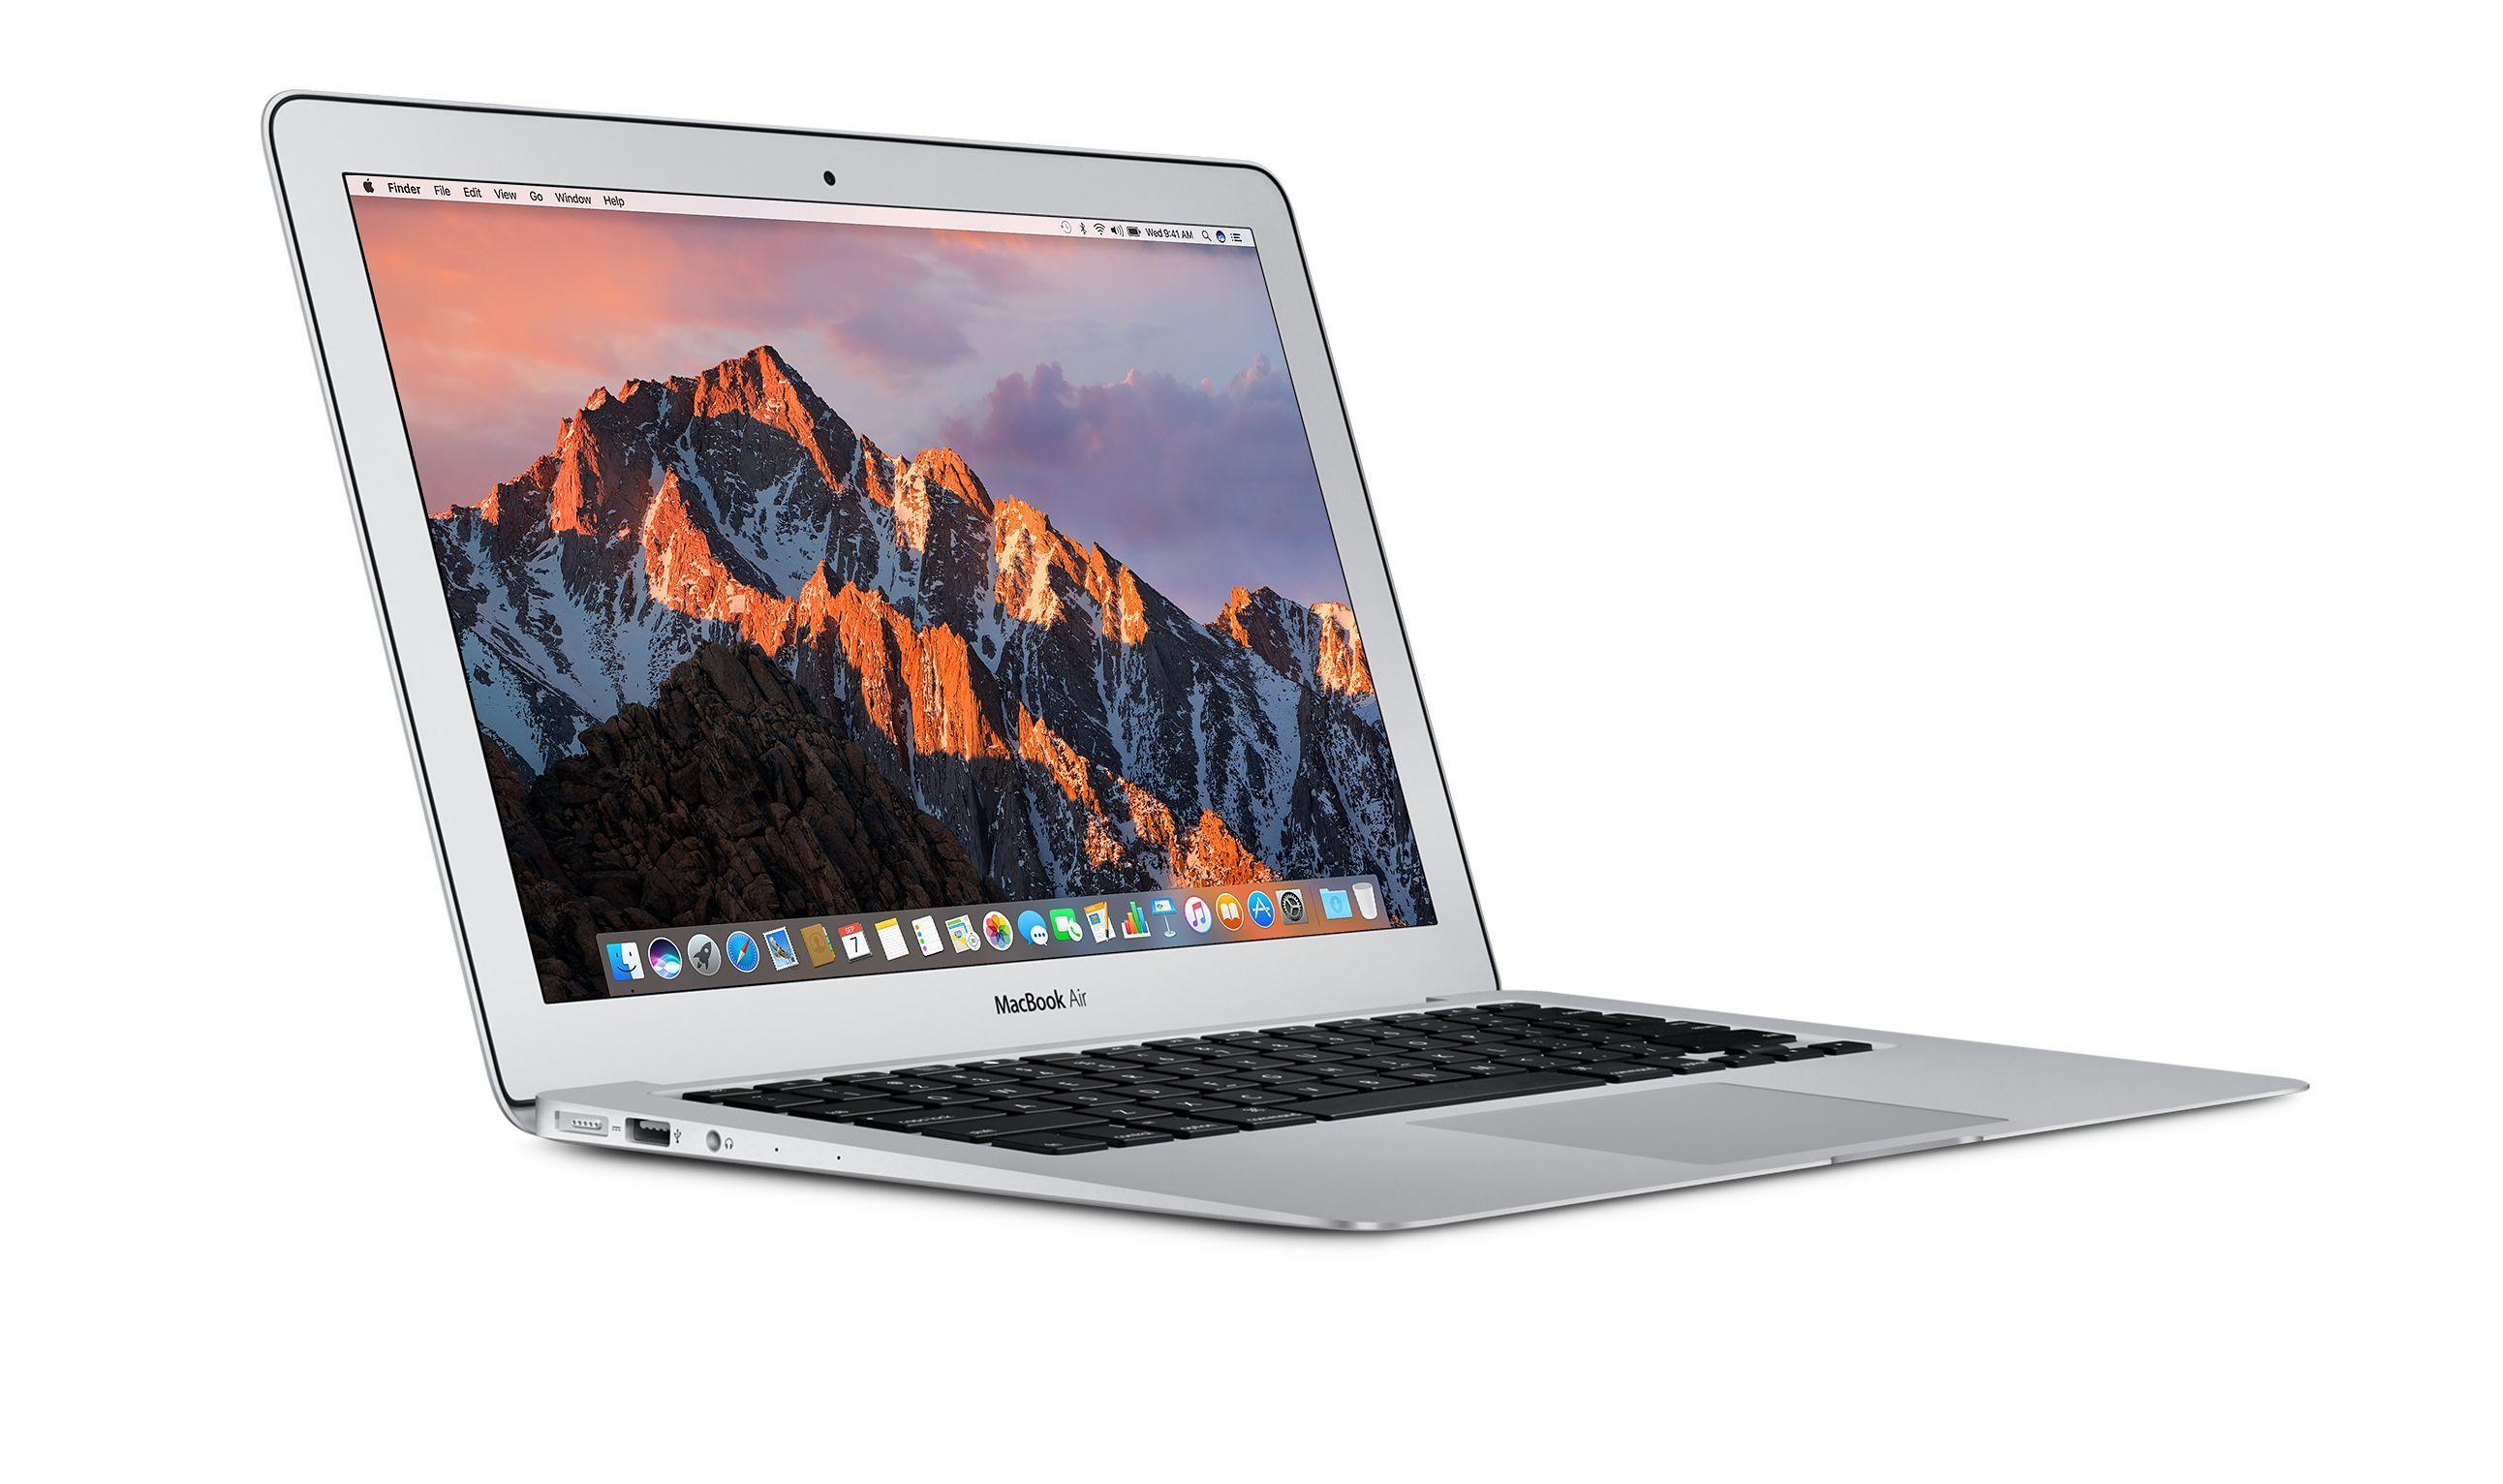 Receba O Frete De Graca Ao Comprar O Novo Macbook Air De 11 Ou 13 Polegadas Na Apple Online Store Ele Vem Com Pr Apple Macbook Refurbished Macbook Macbook Air